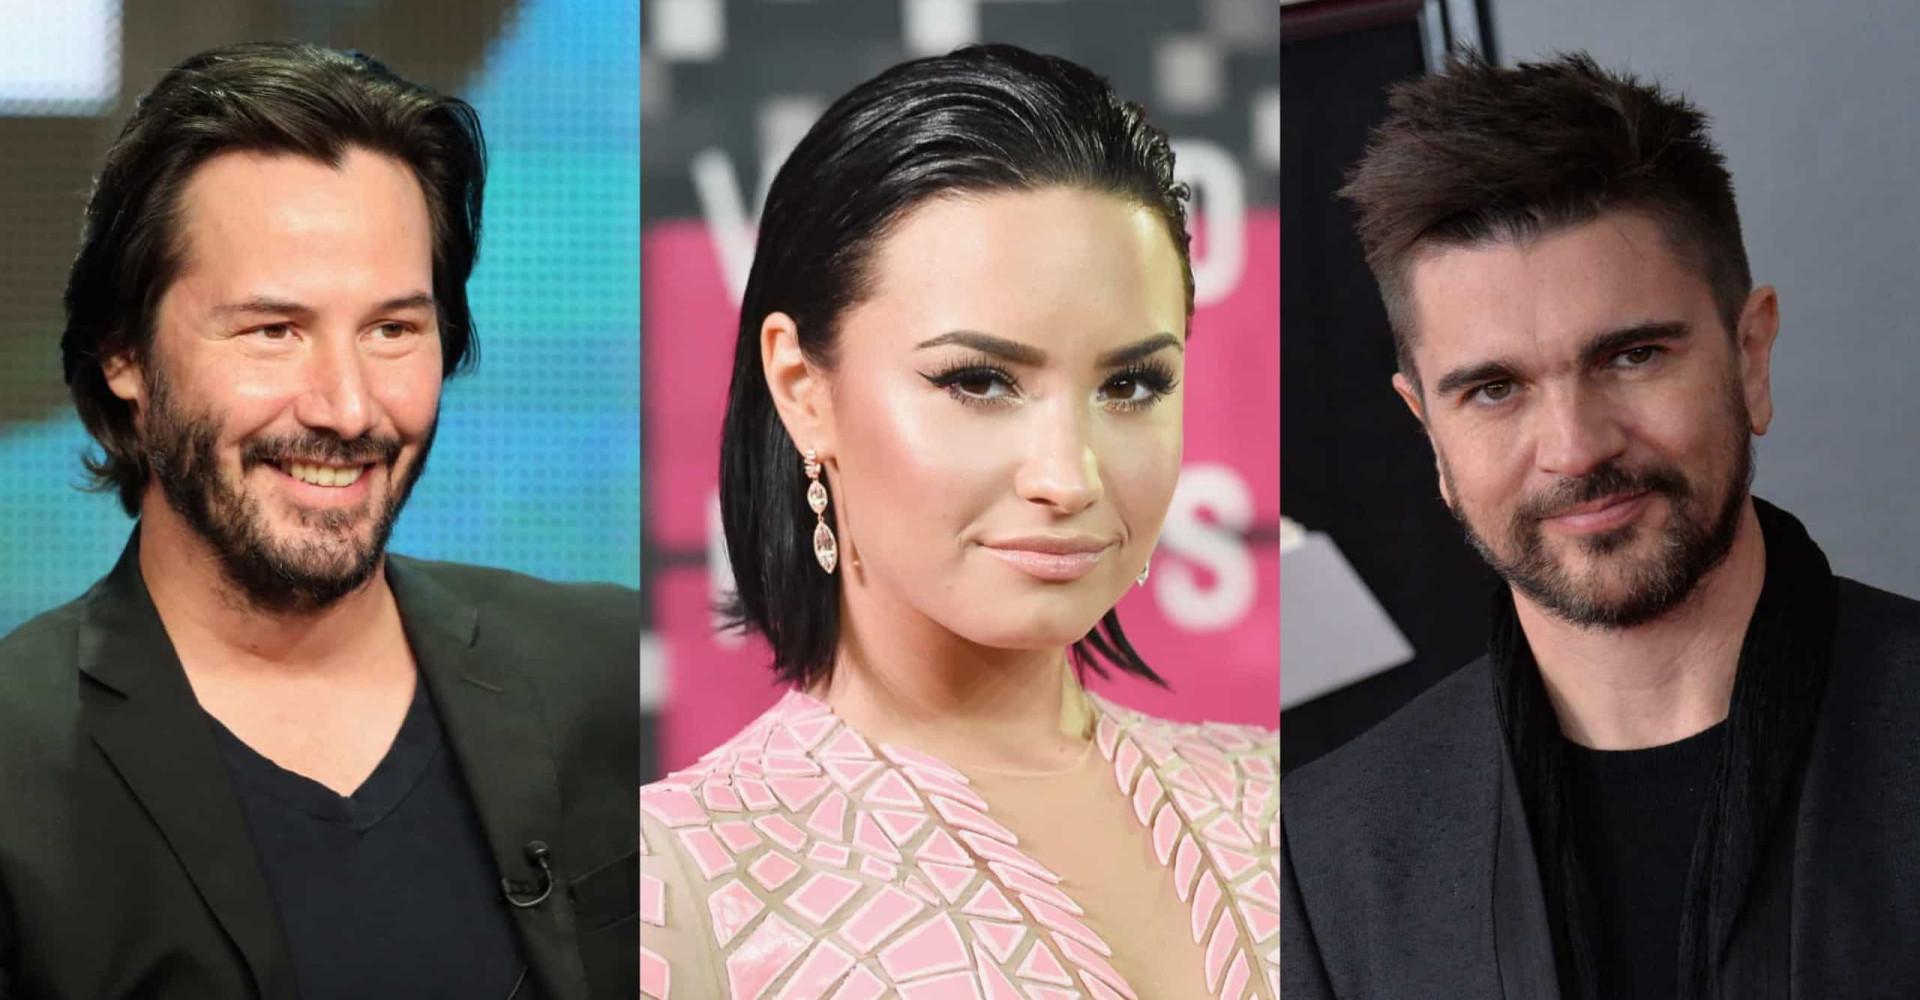 Encuentros extraterrestres: estas celebridades sí creen en ellos